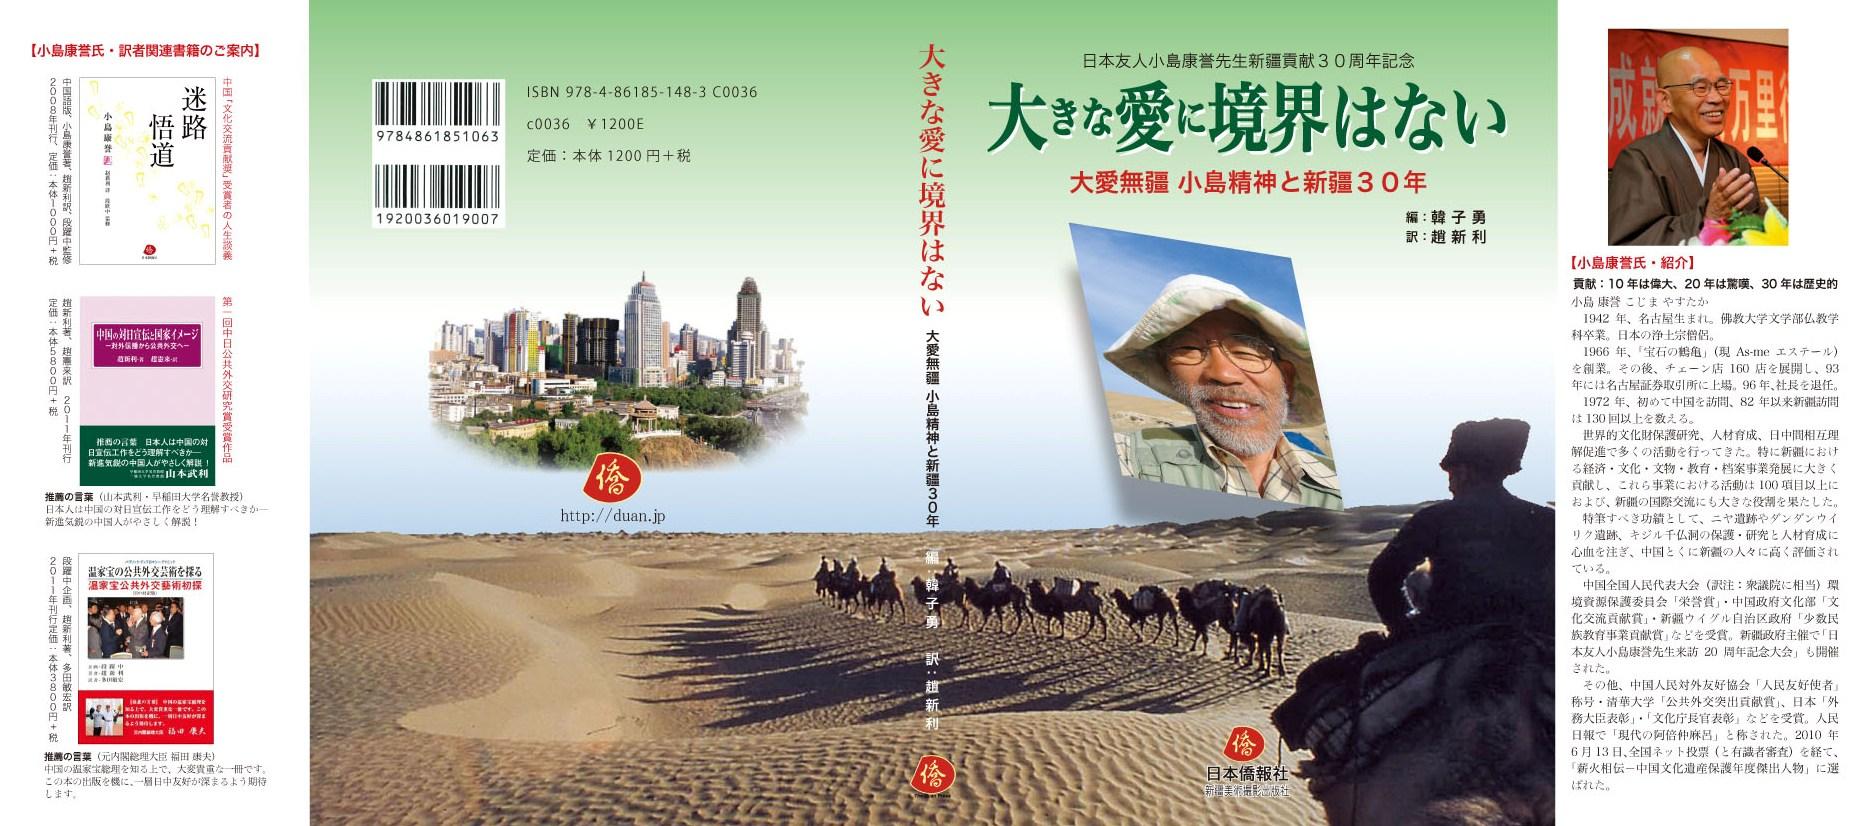 9日的@東京漢語角 将迎来著名日中友好人士小岛康誉先生,他将用日中两国语介绍他和中国的交往_d0027795_17125081.jpg